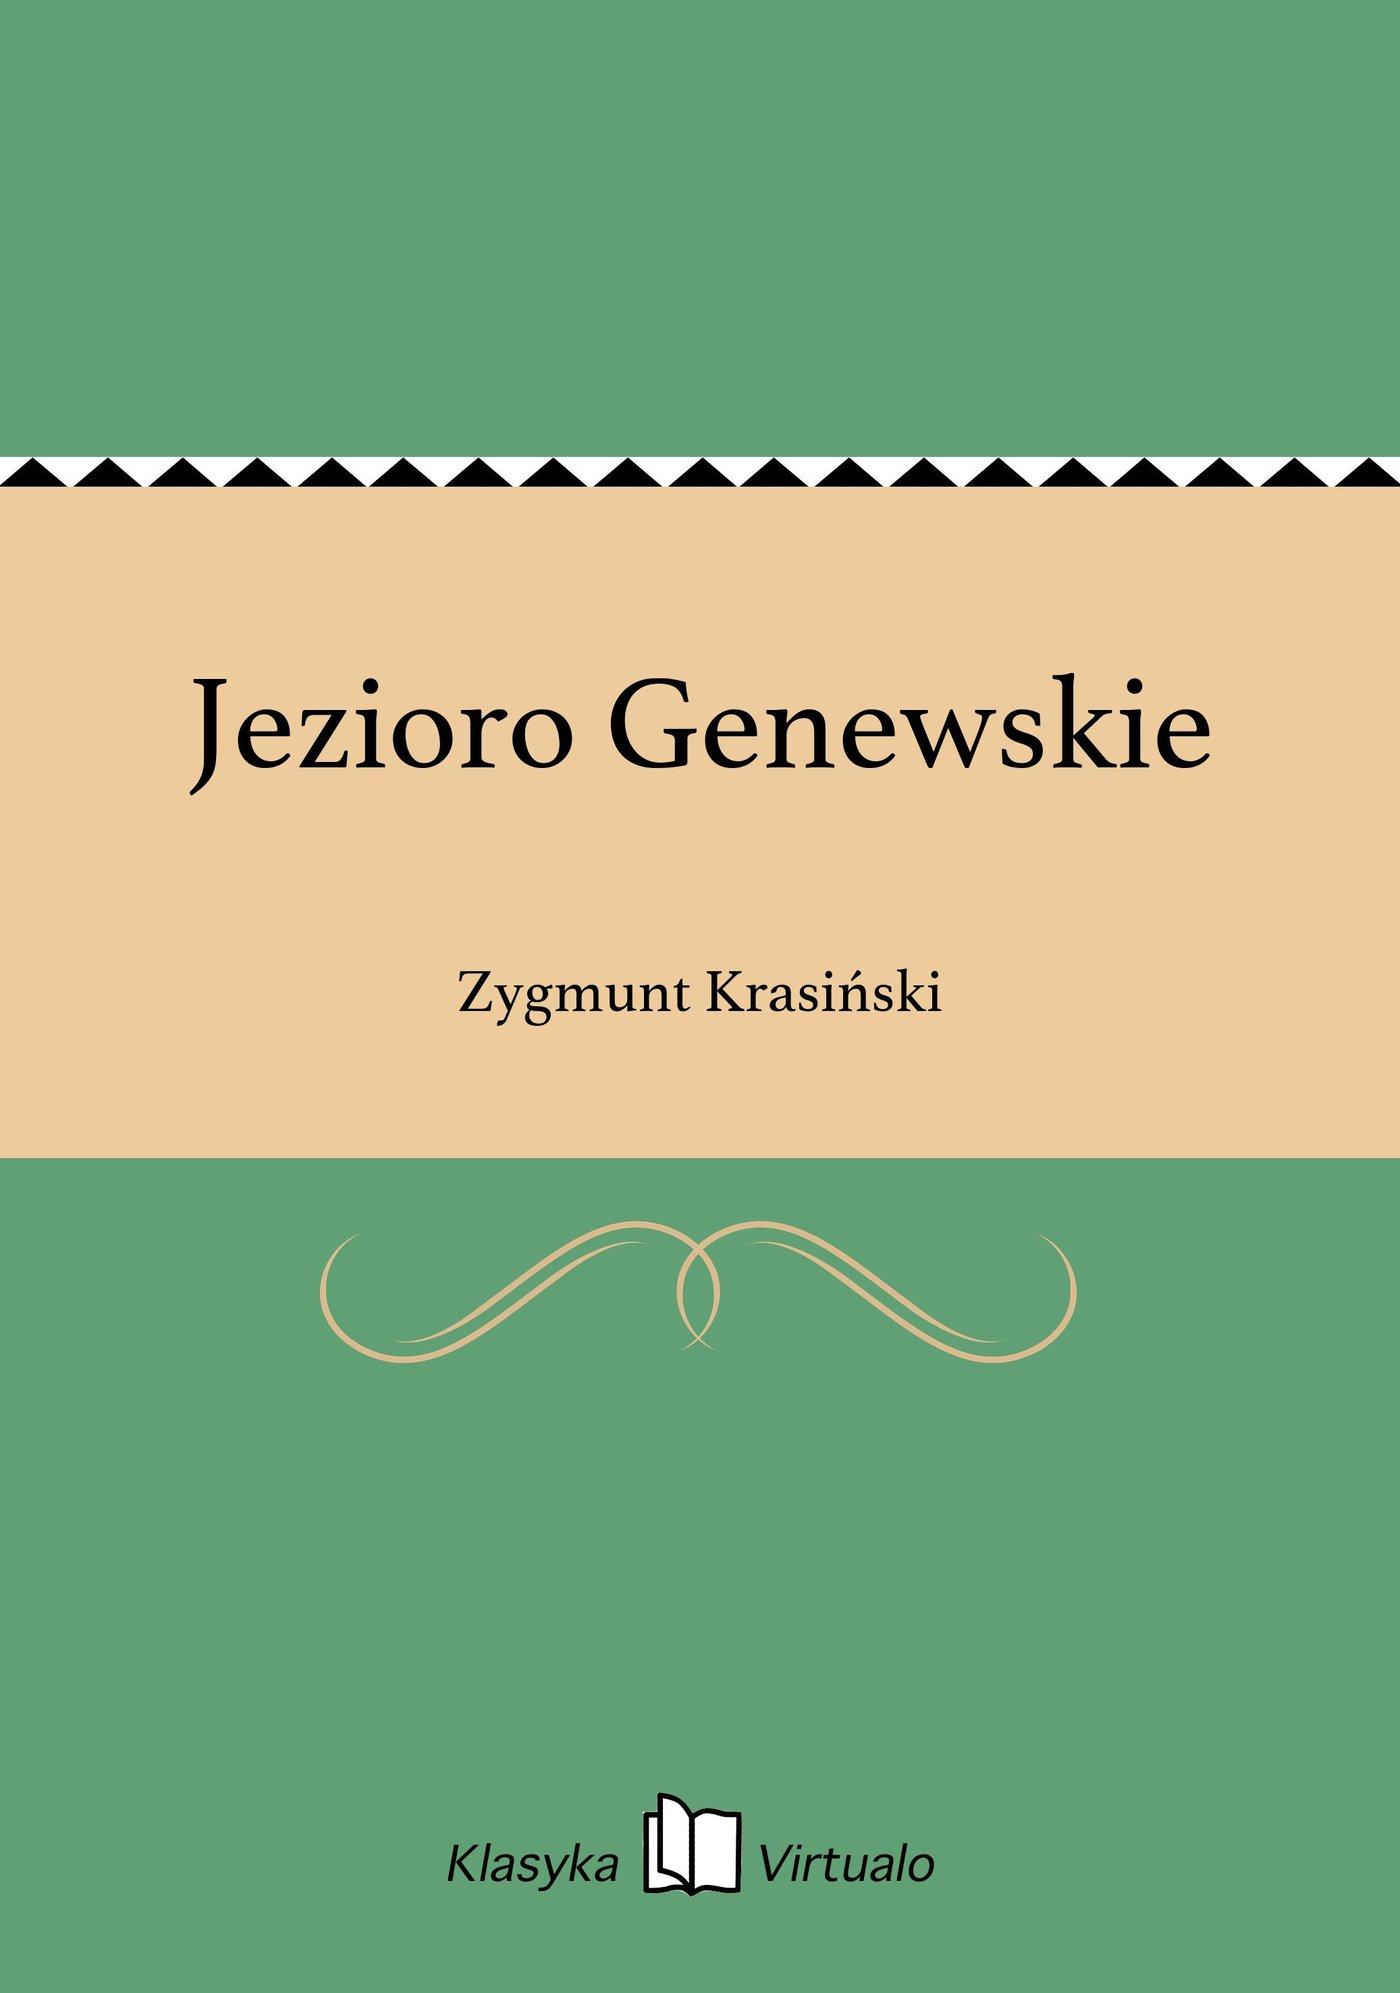 Jezioro Genewskie - Ebook (Książka na Kindle) do pobrania w formacie MOBI